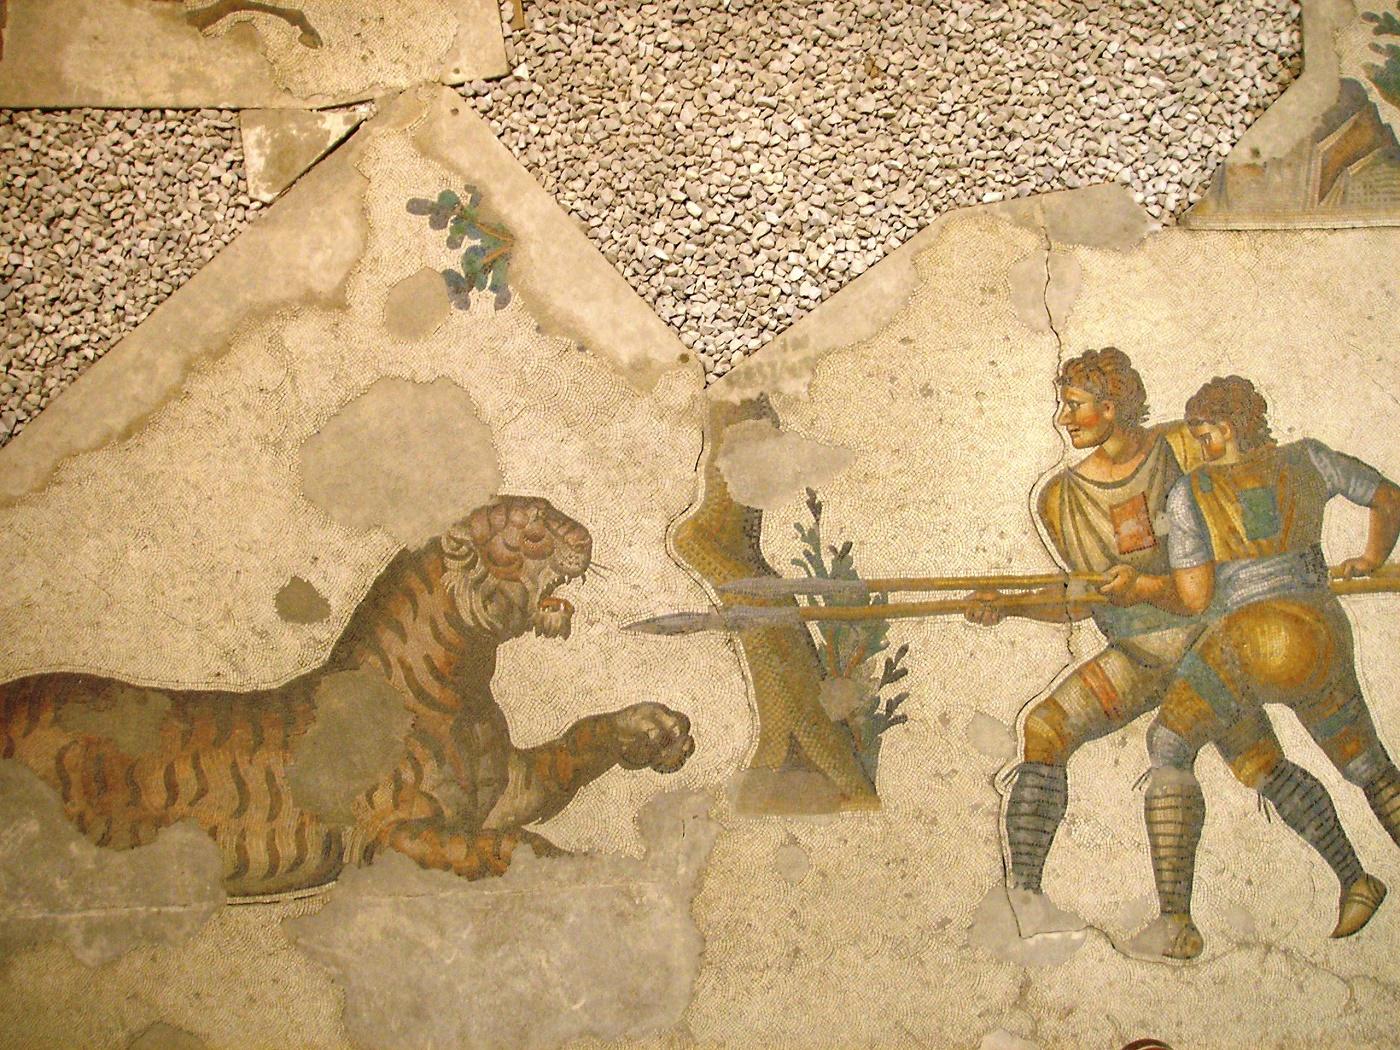 Vijfde eeuws mozaïek in het Paleis van Constantinopel met twee gladiatoren die tegen een tijger vechten.